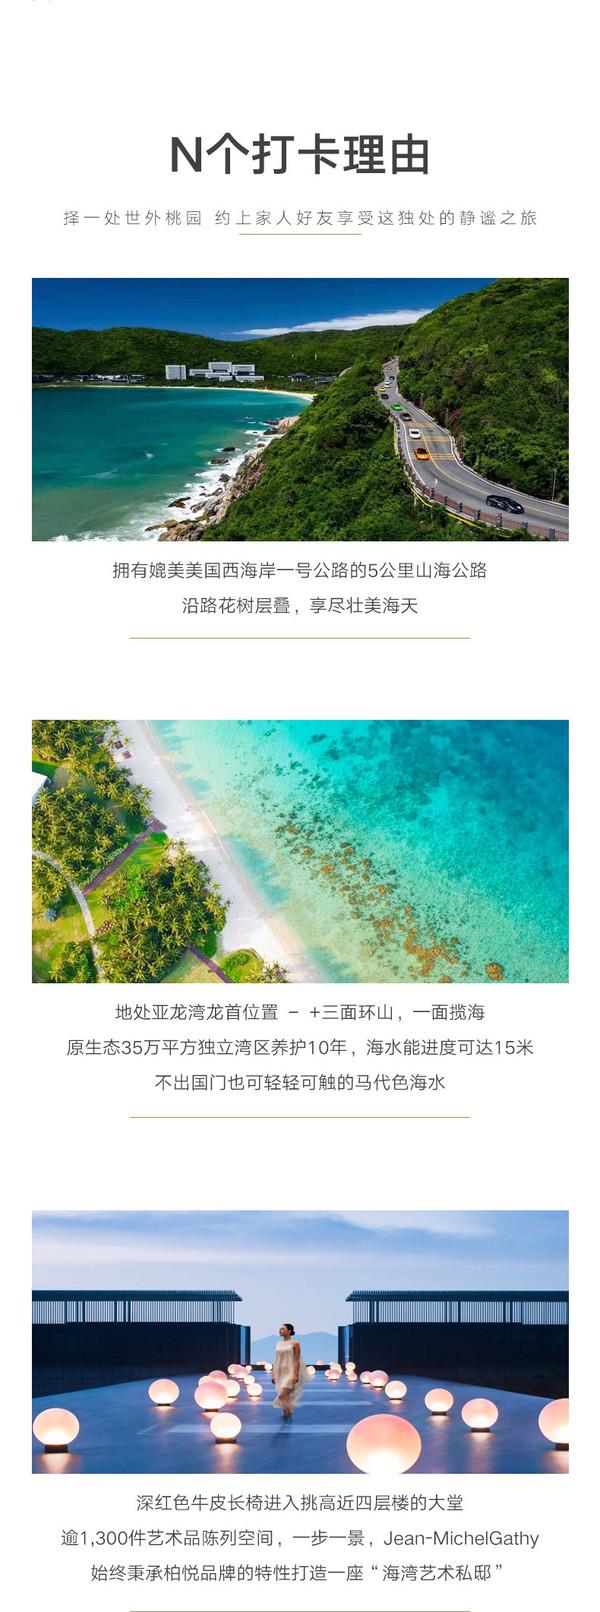 平周同价 三亚太阳湾柏悦酒店 270度甄选全海景房1晚(含早餐)